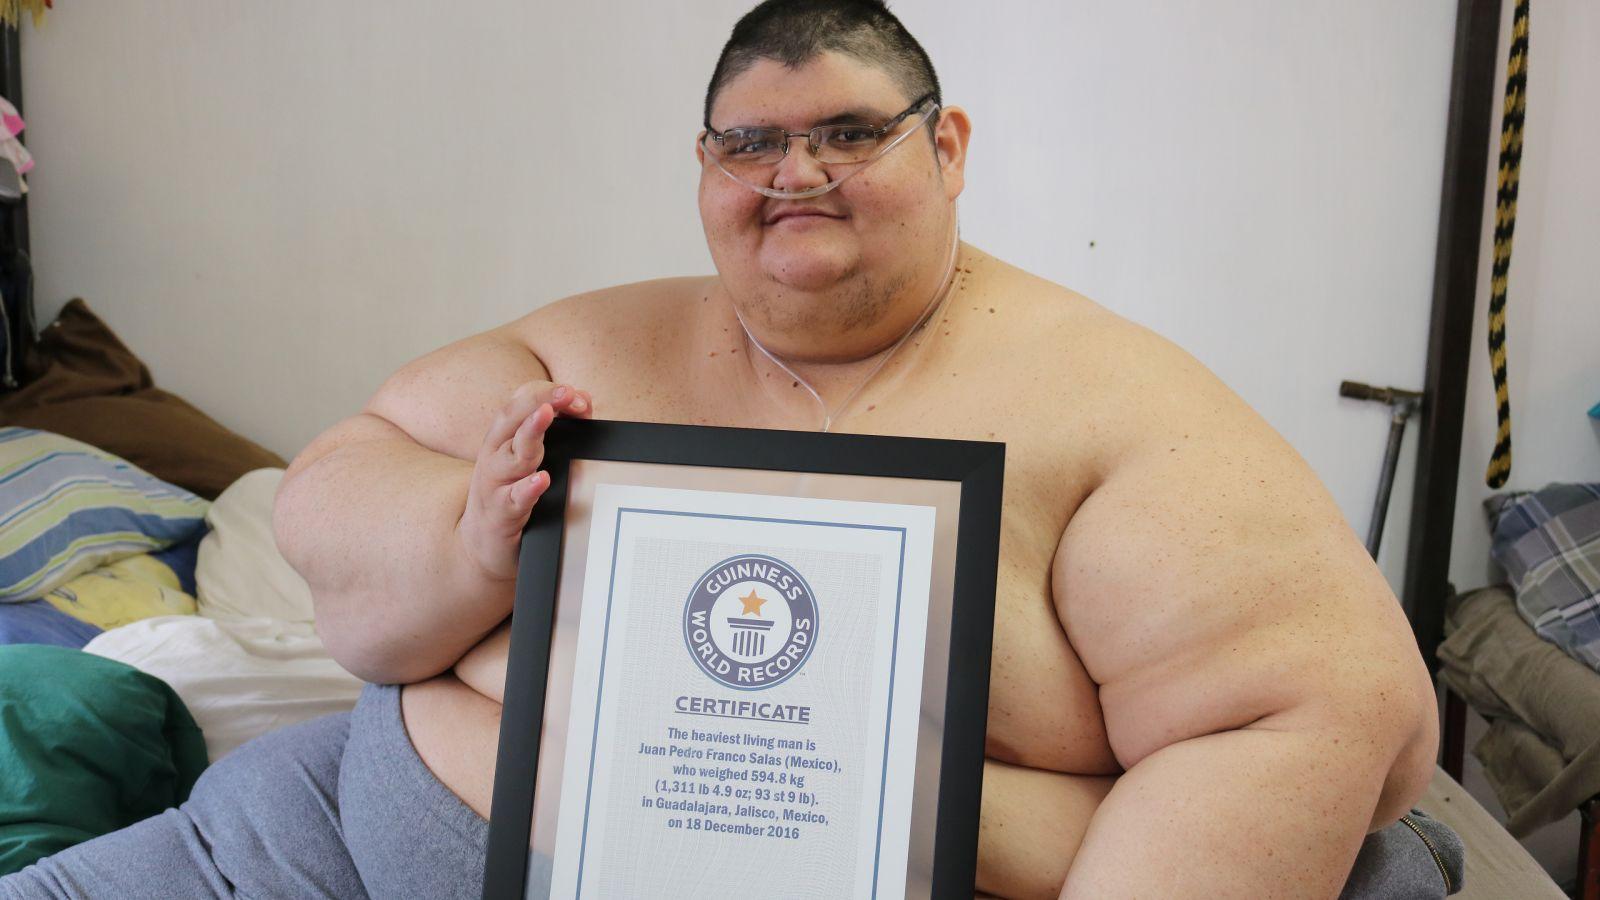 Ele era o homem mais gordo do mundo, isso é o que ele conta depois de perder 220 Kg